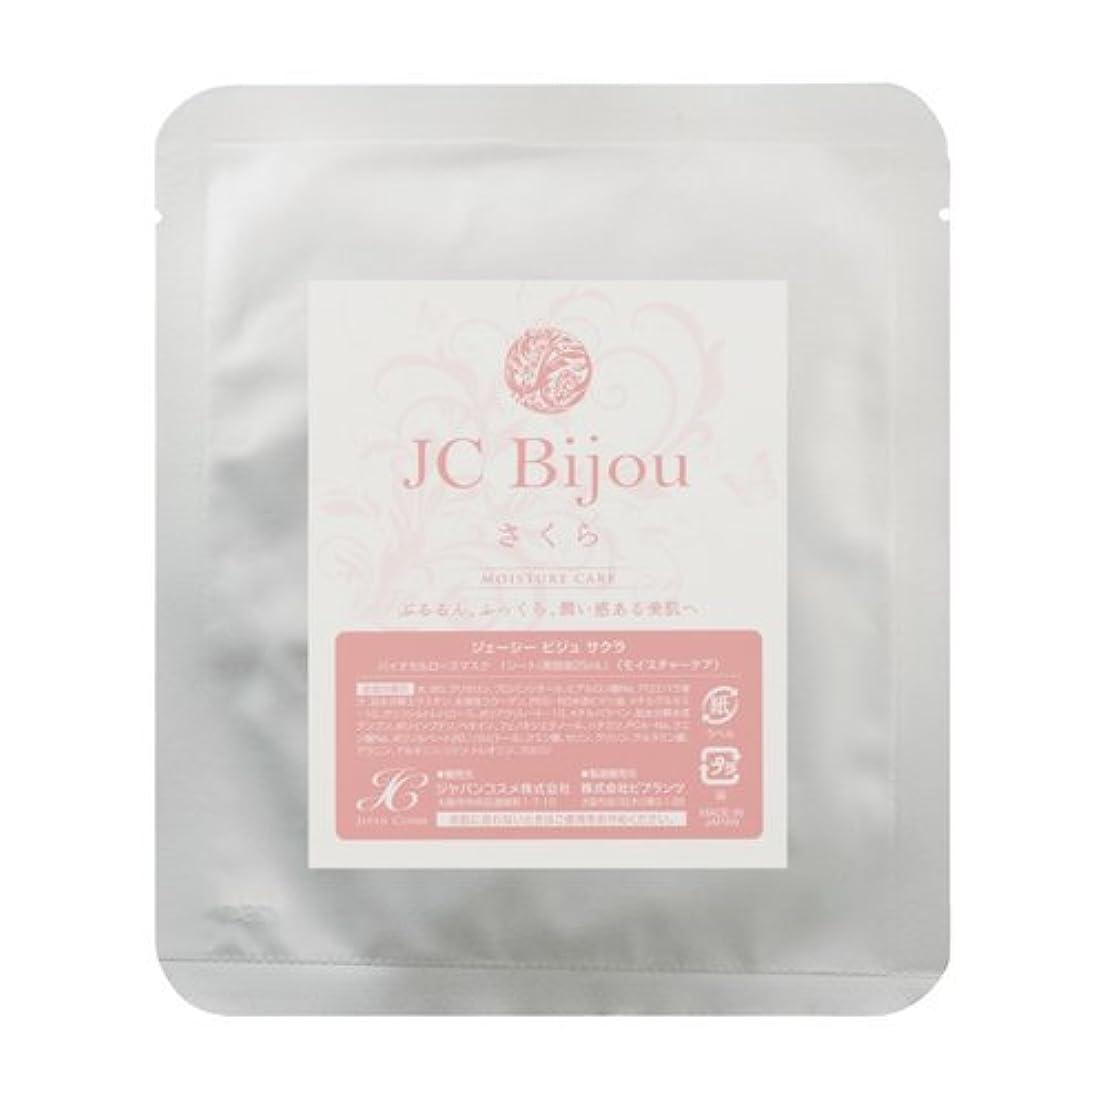 店員適合繊維ジャパンコスメ JC Bijou さくら 25ml モイスチャーケア